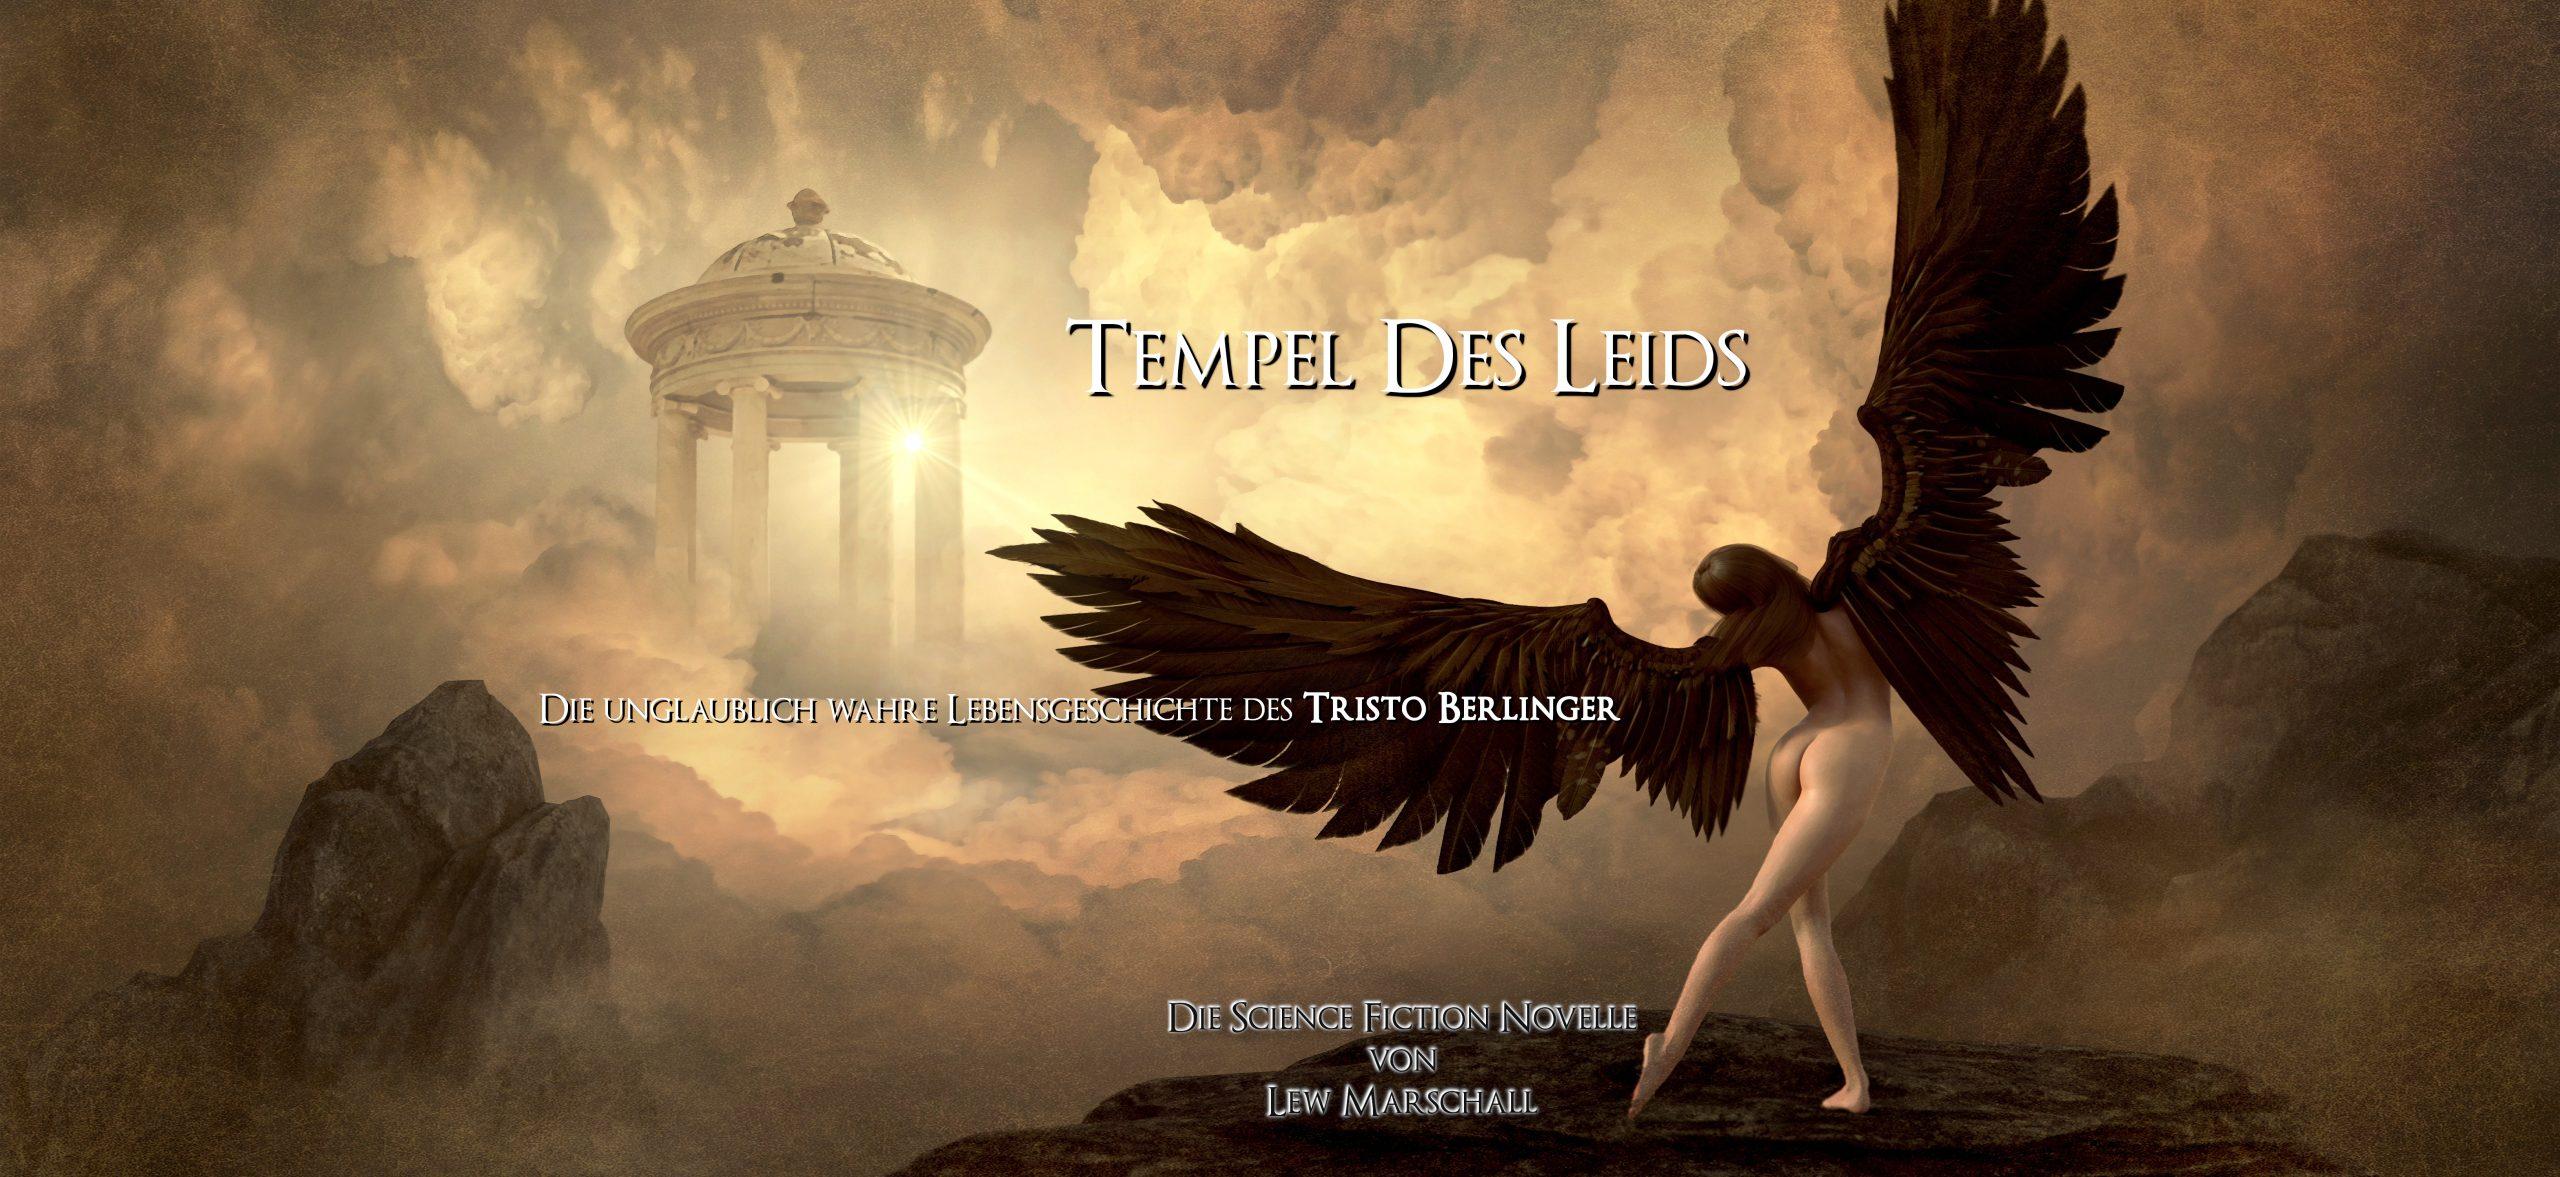 Tempel des Leids